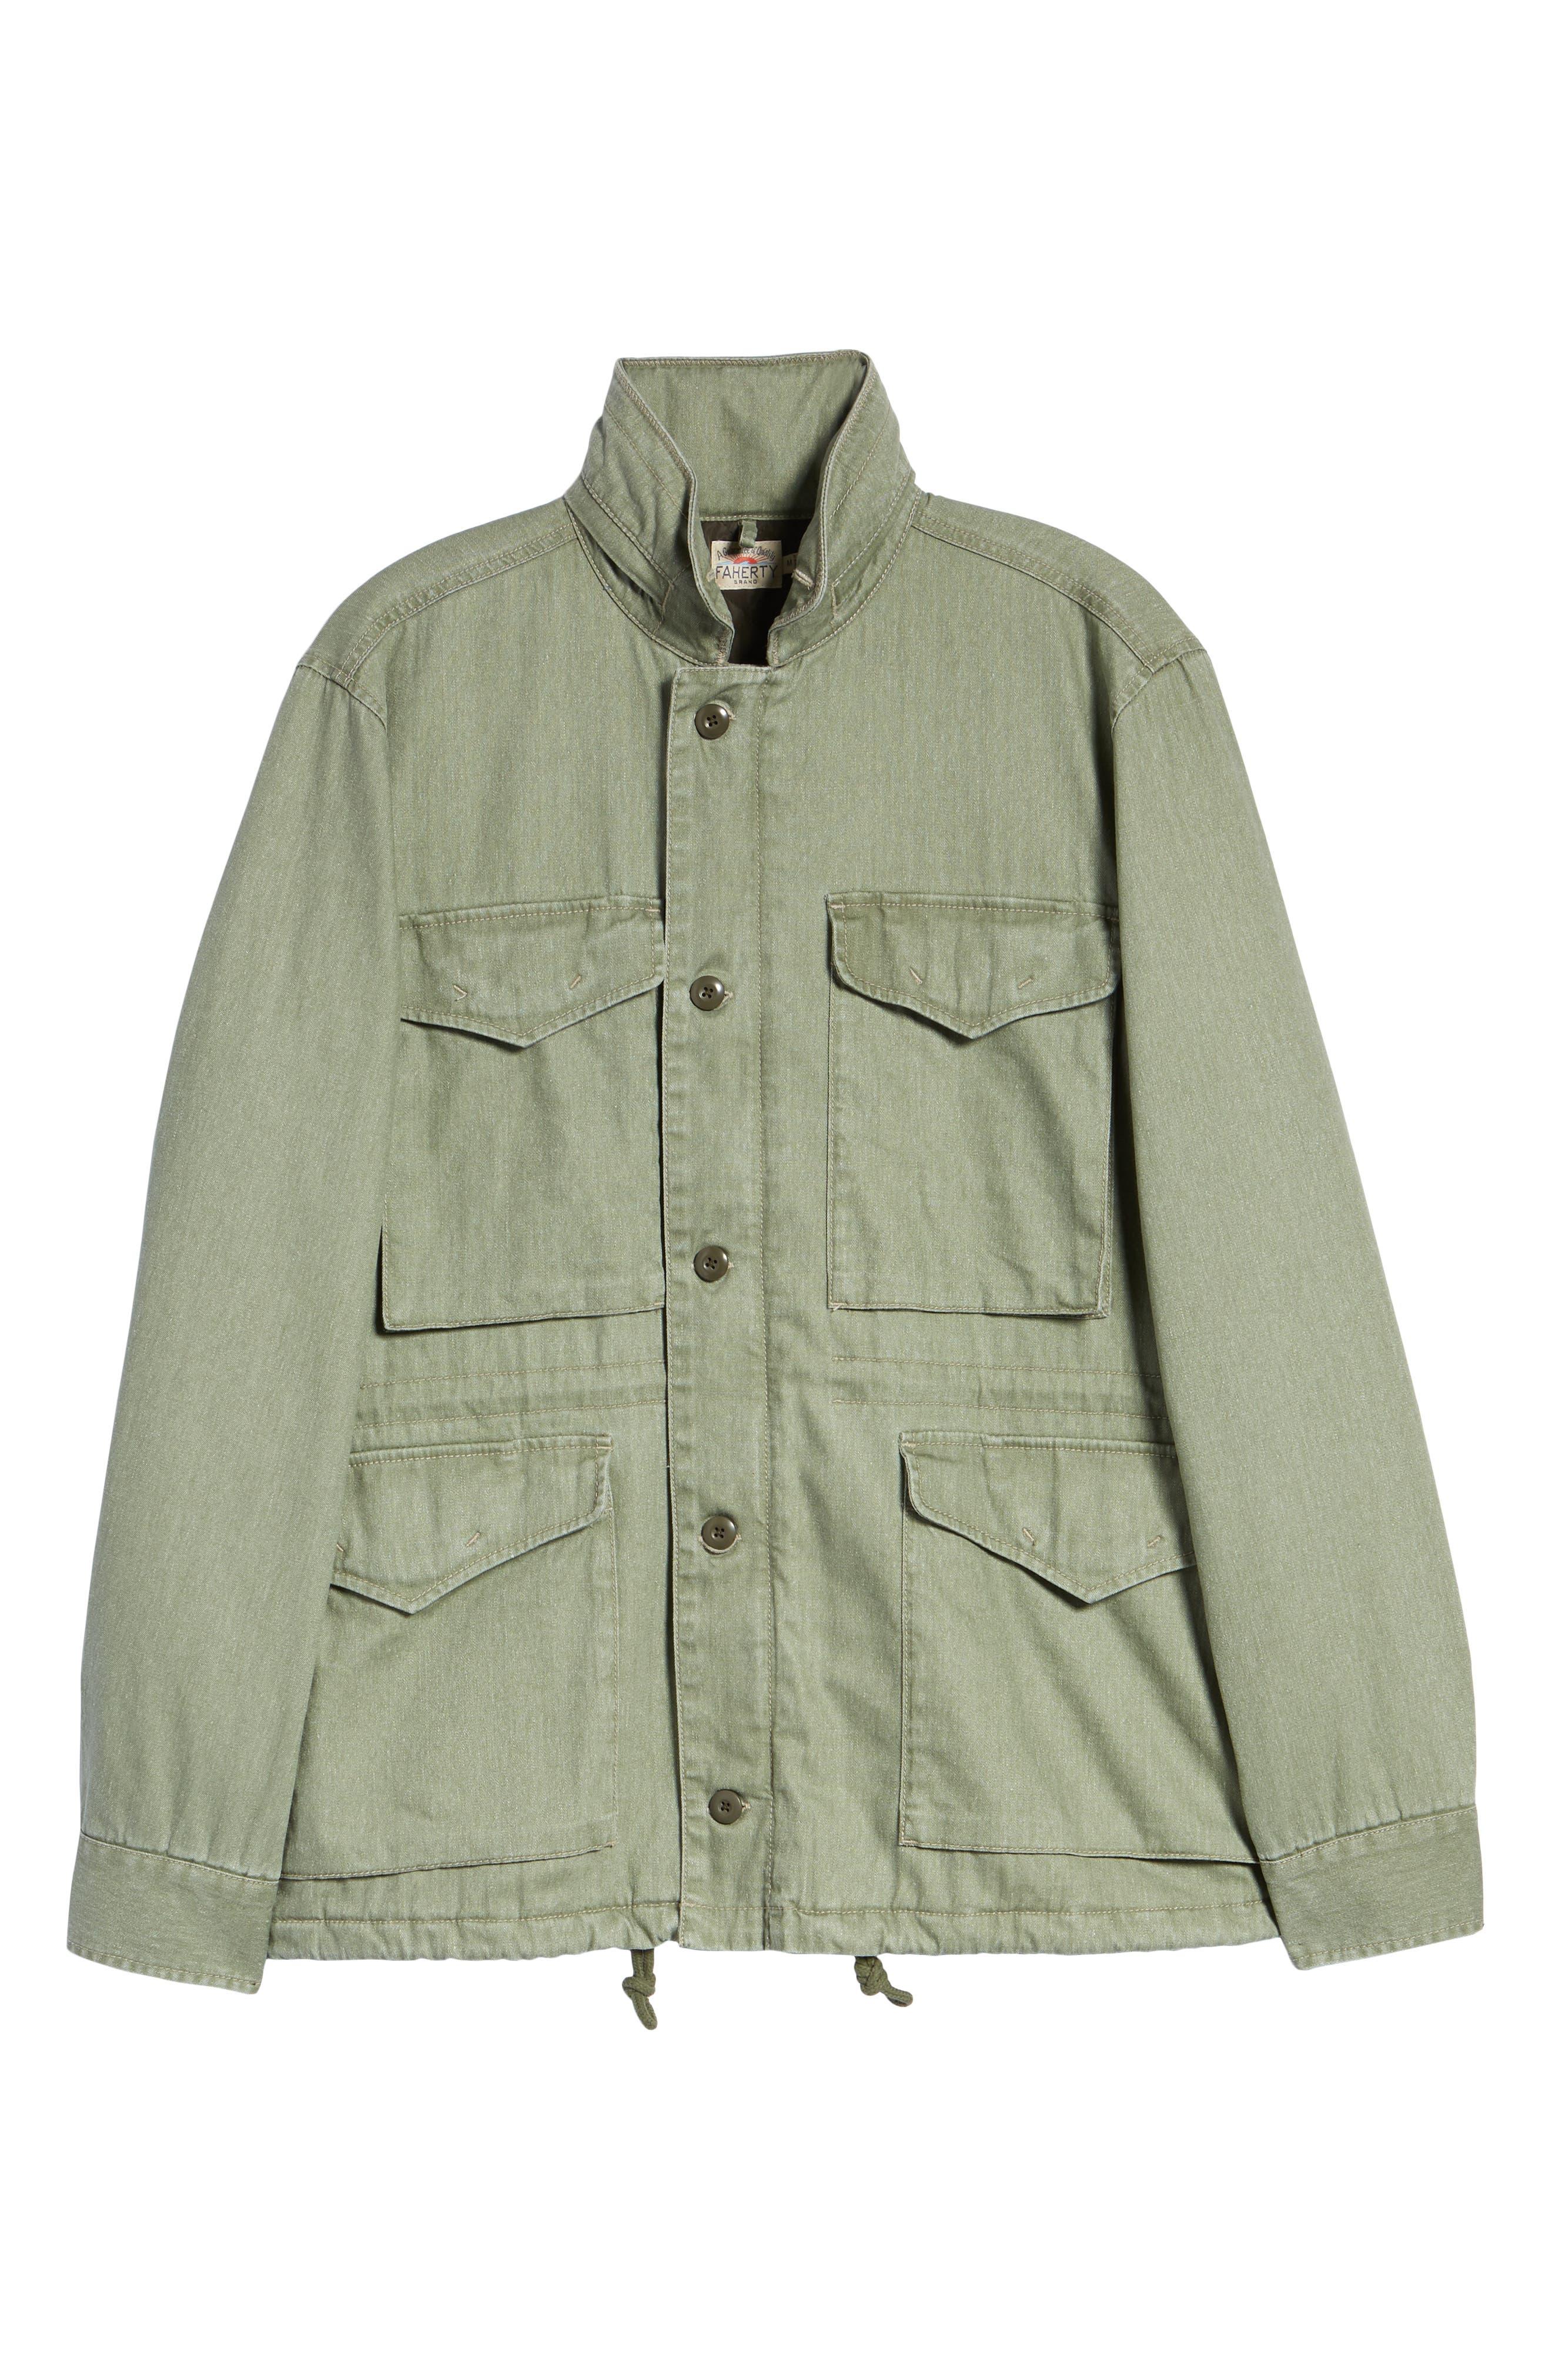 Vintage M-65 Jacket,                             Alternate thumbnail 5, color,                             OLIVE